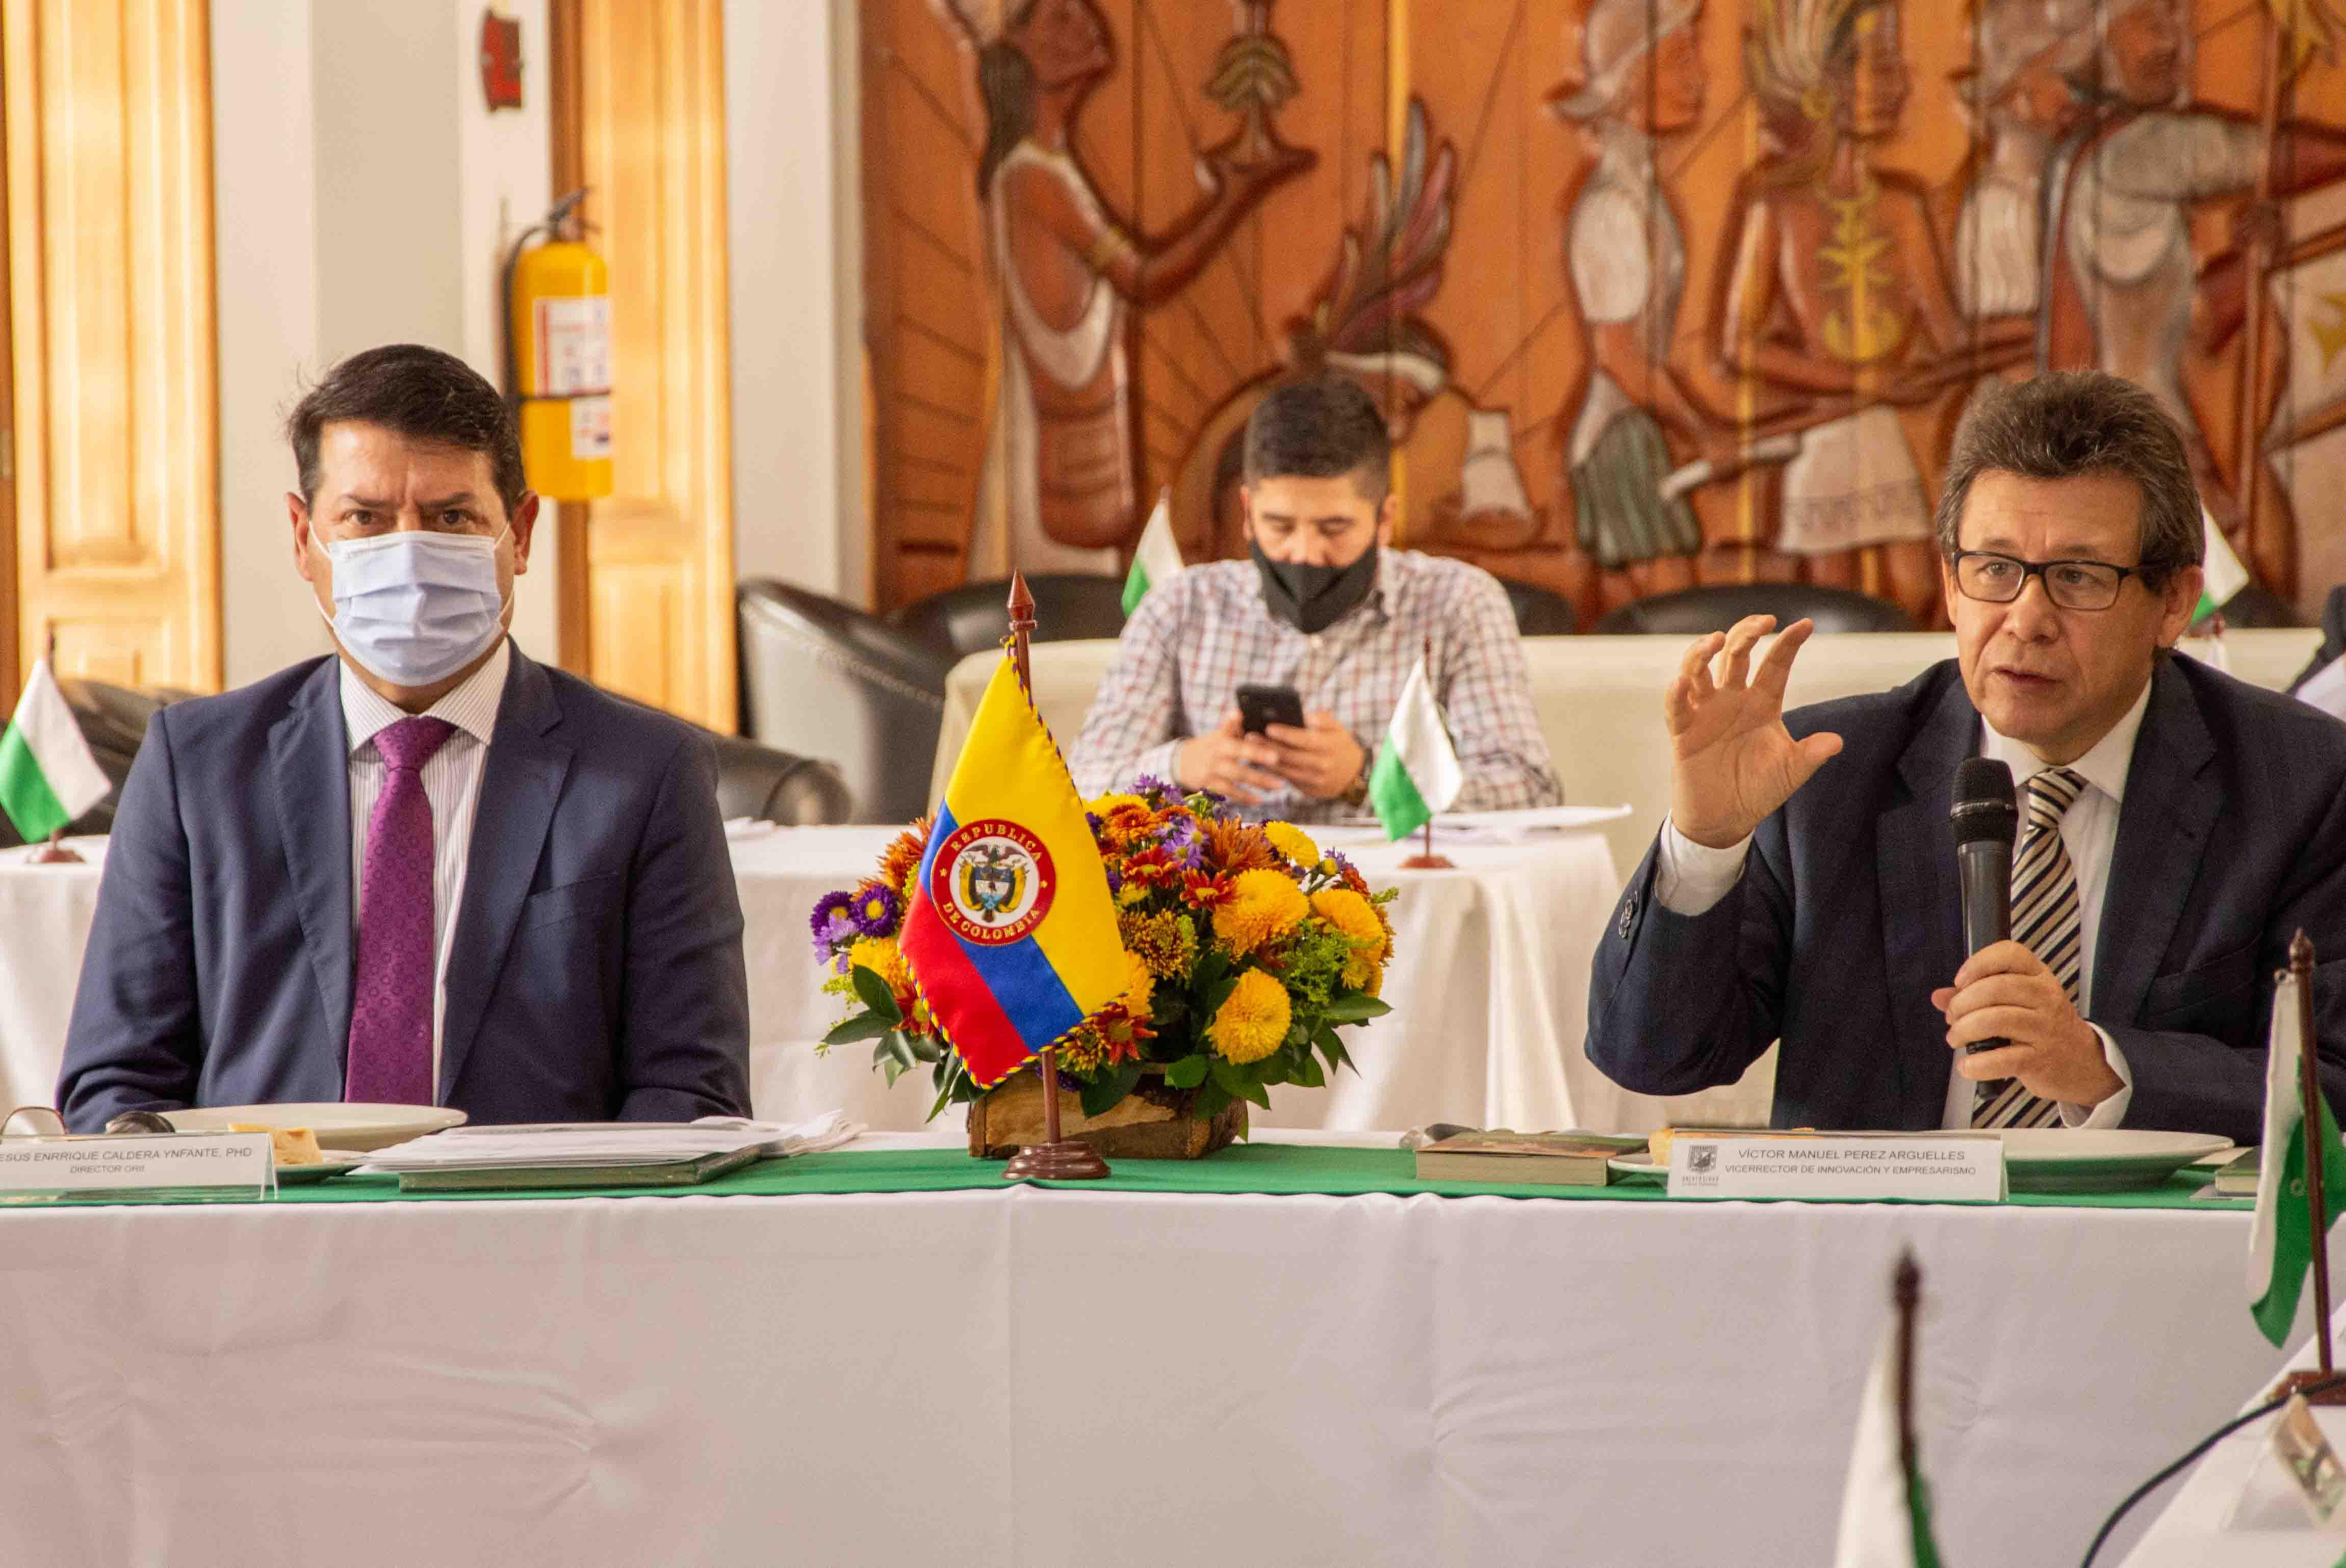 Bicentenario de La Gran Colombia